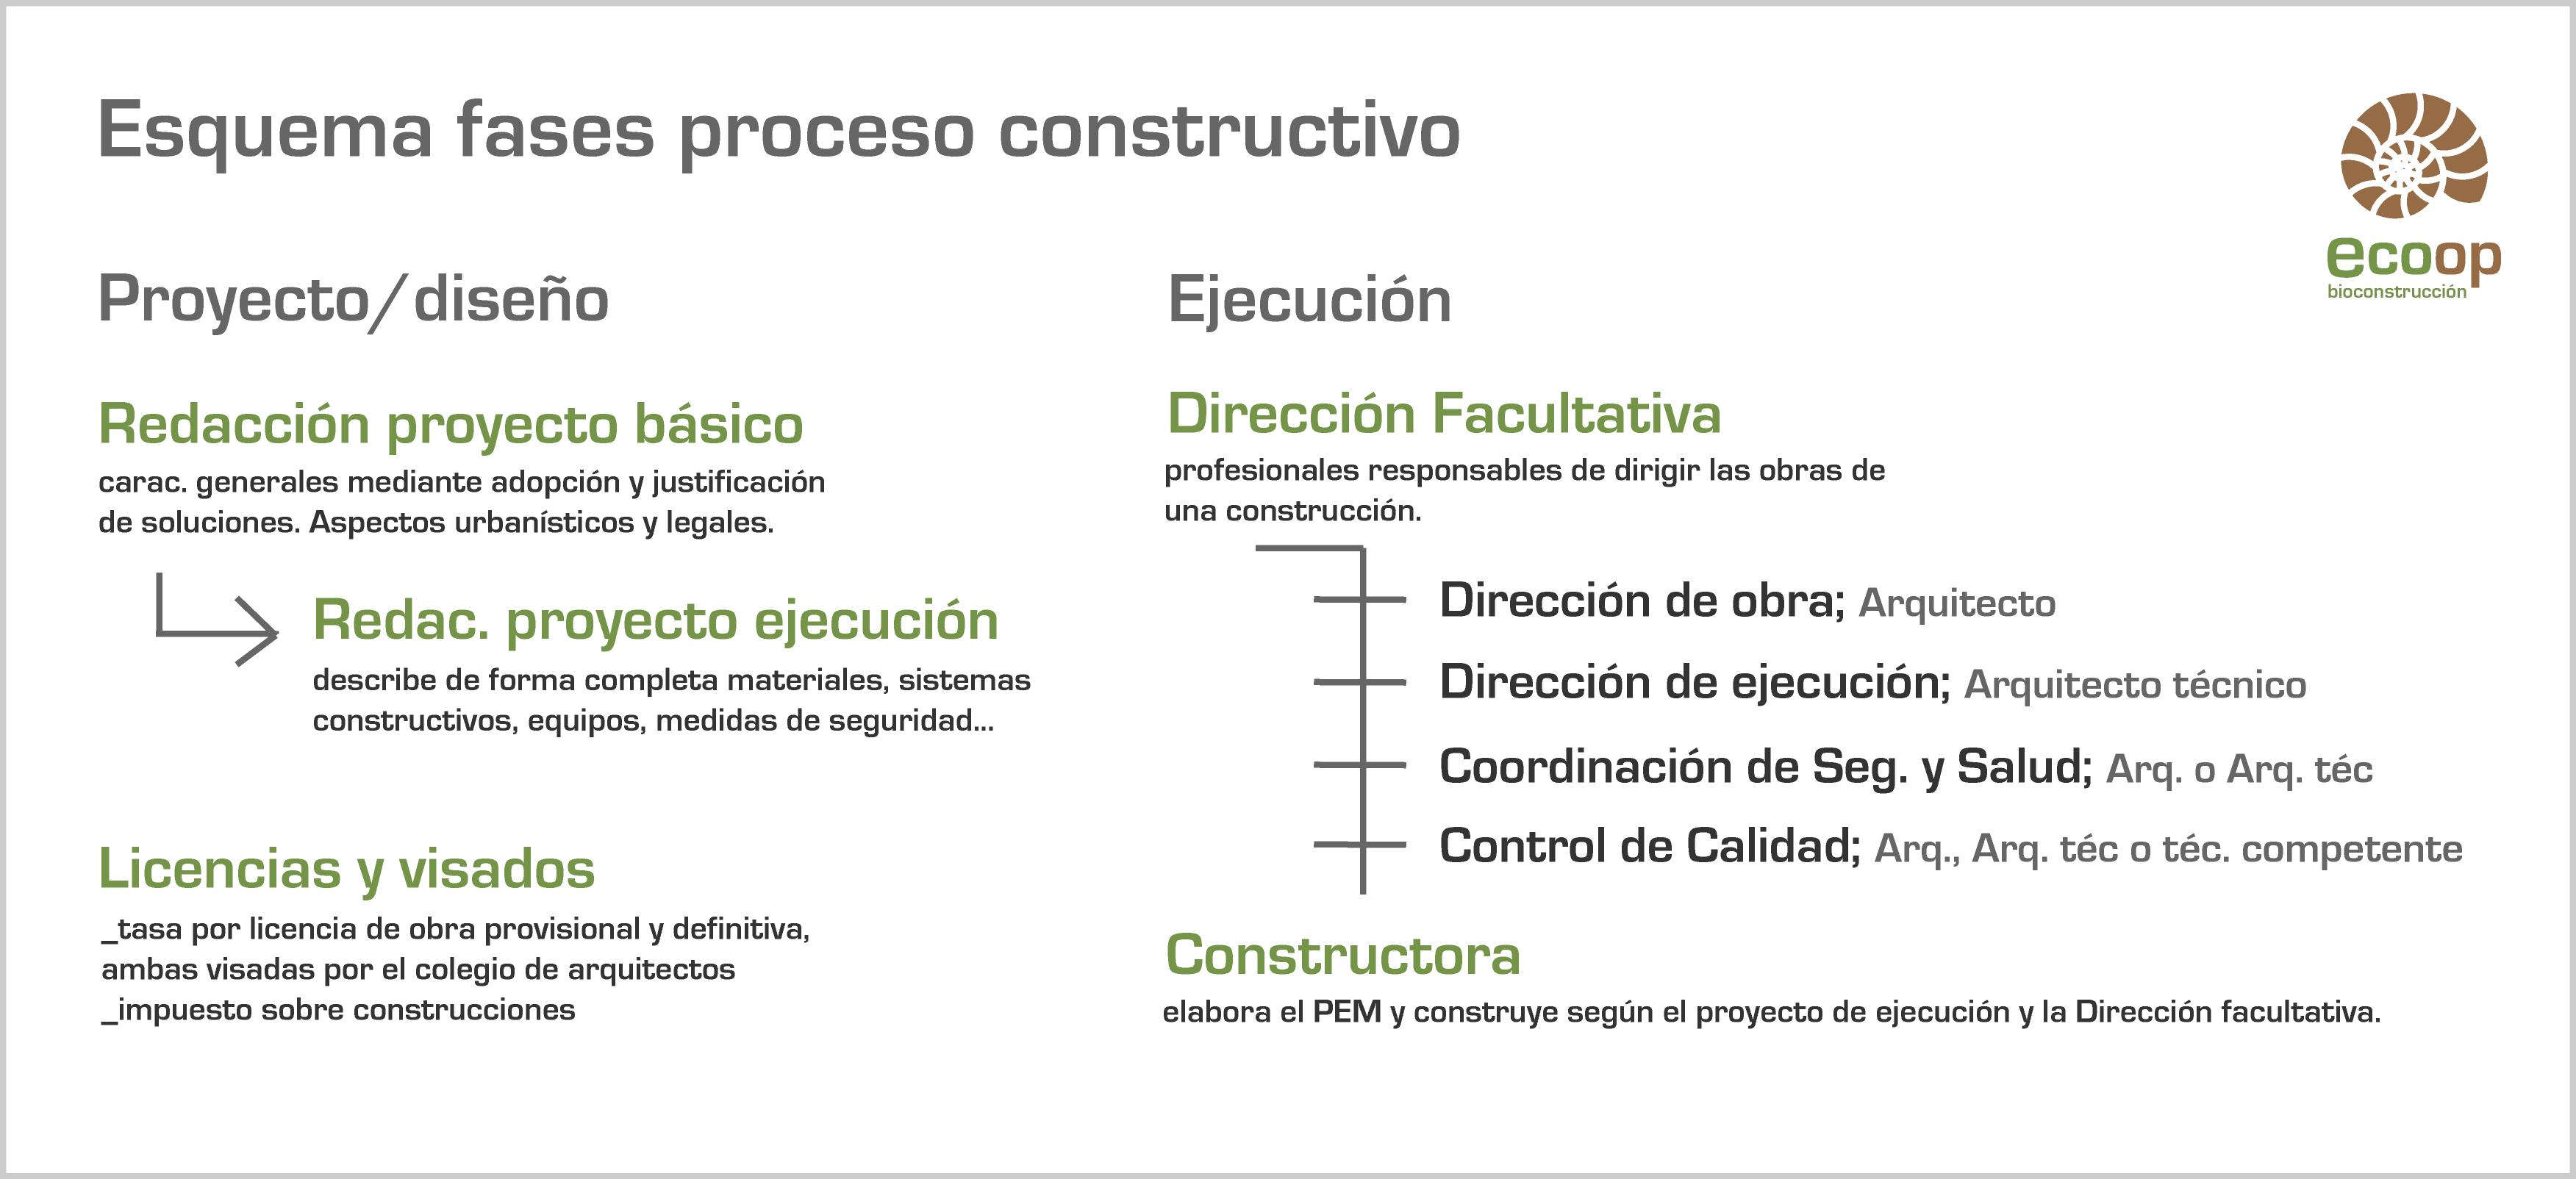 Fases y agentes proceso constructivo